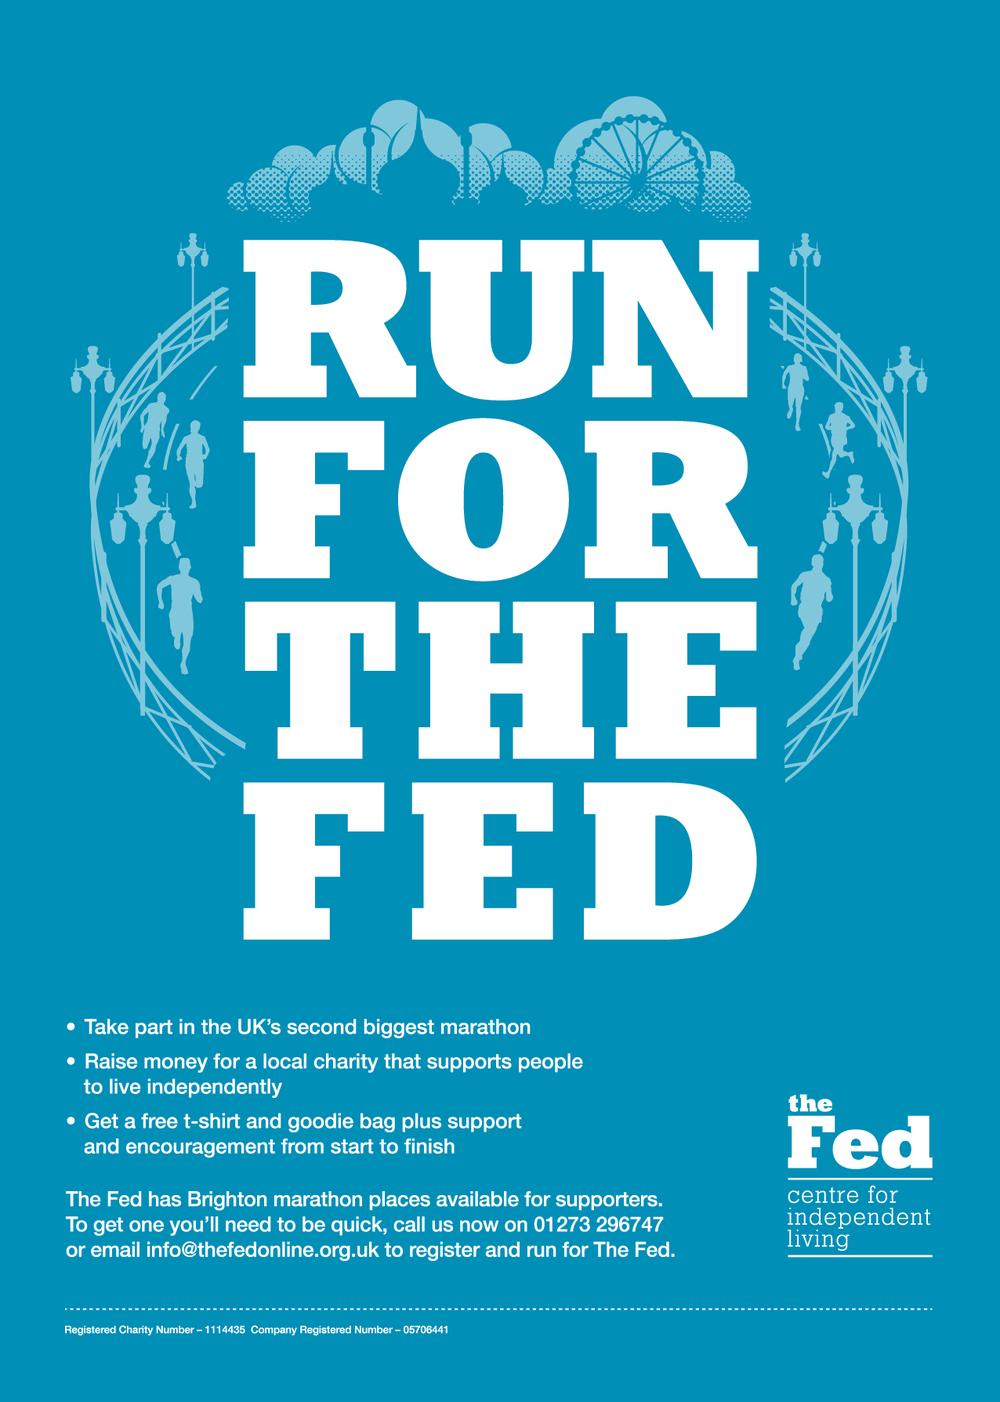 Fed_Marathon_A4-05.jpg